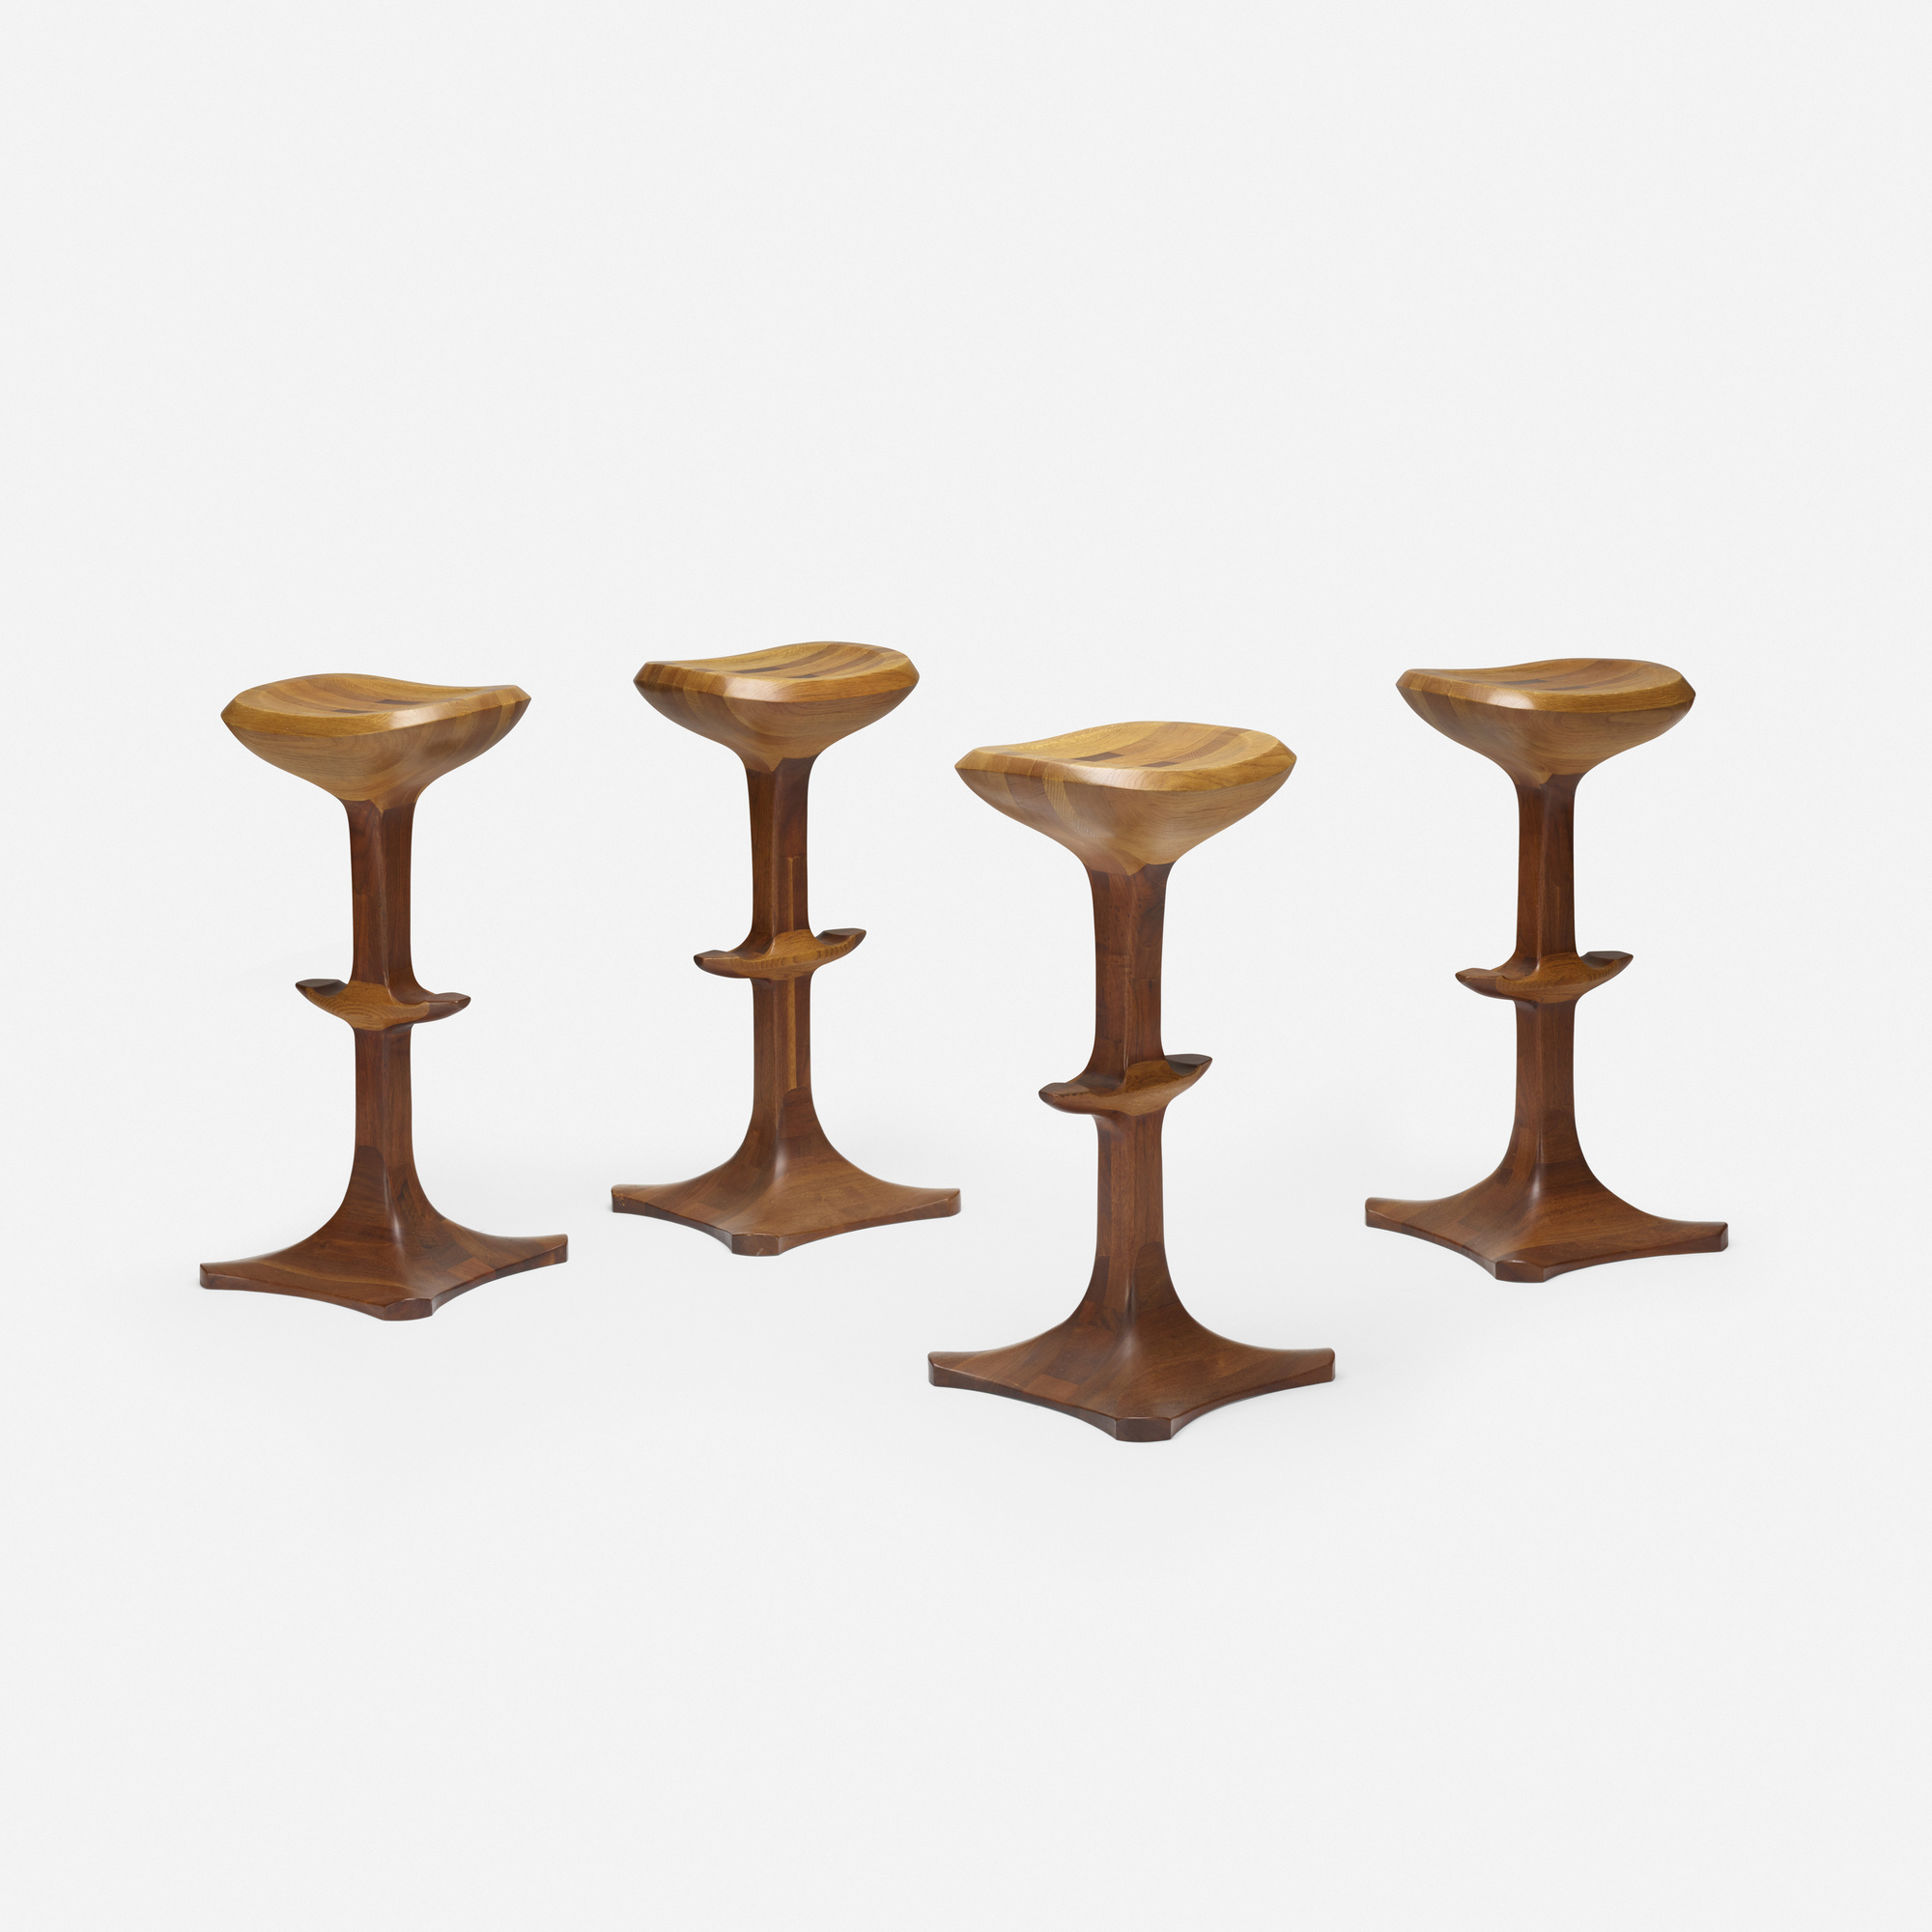 211: Arcotypo Studio / stools, set of four (1 of 2)